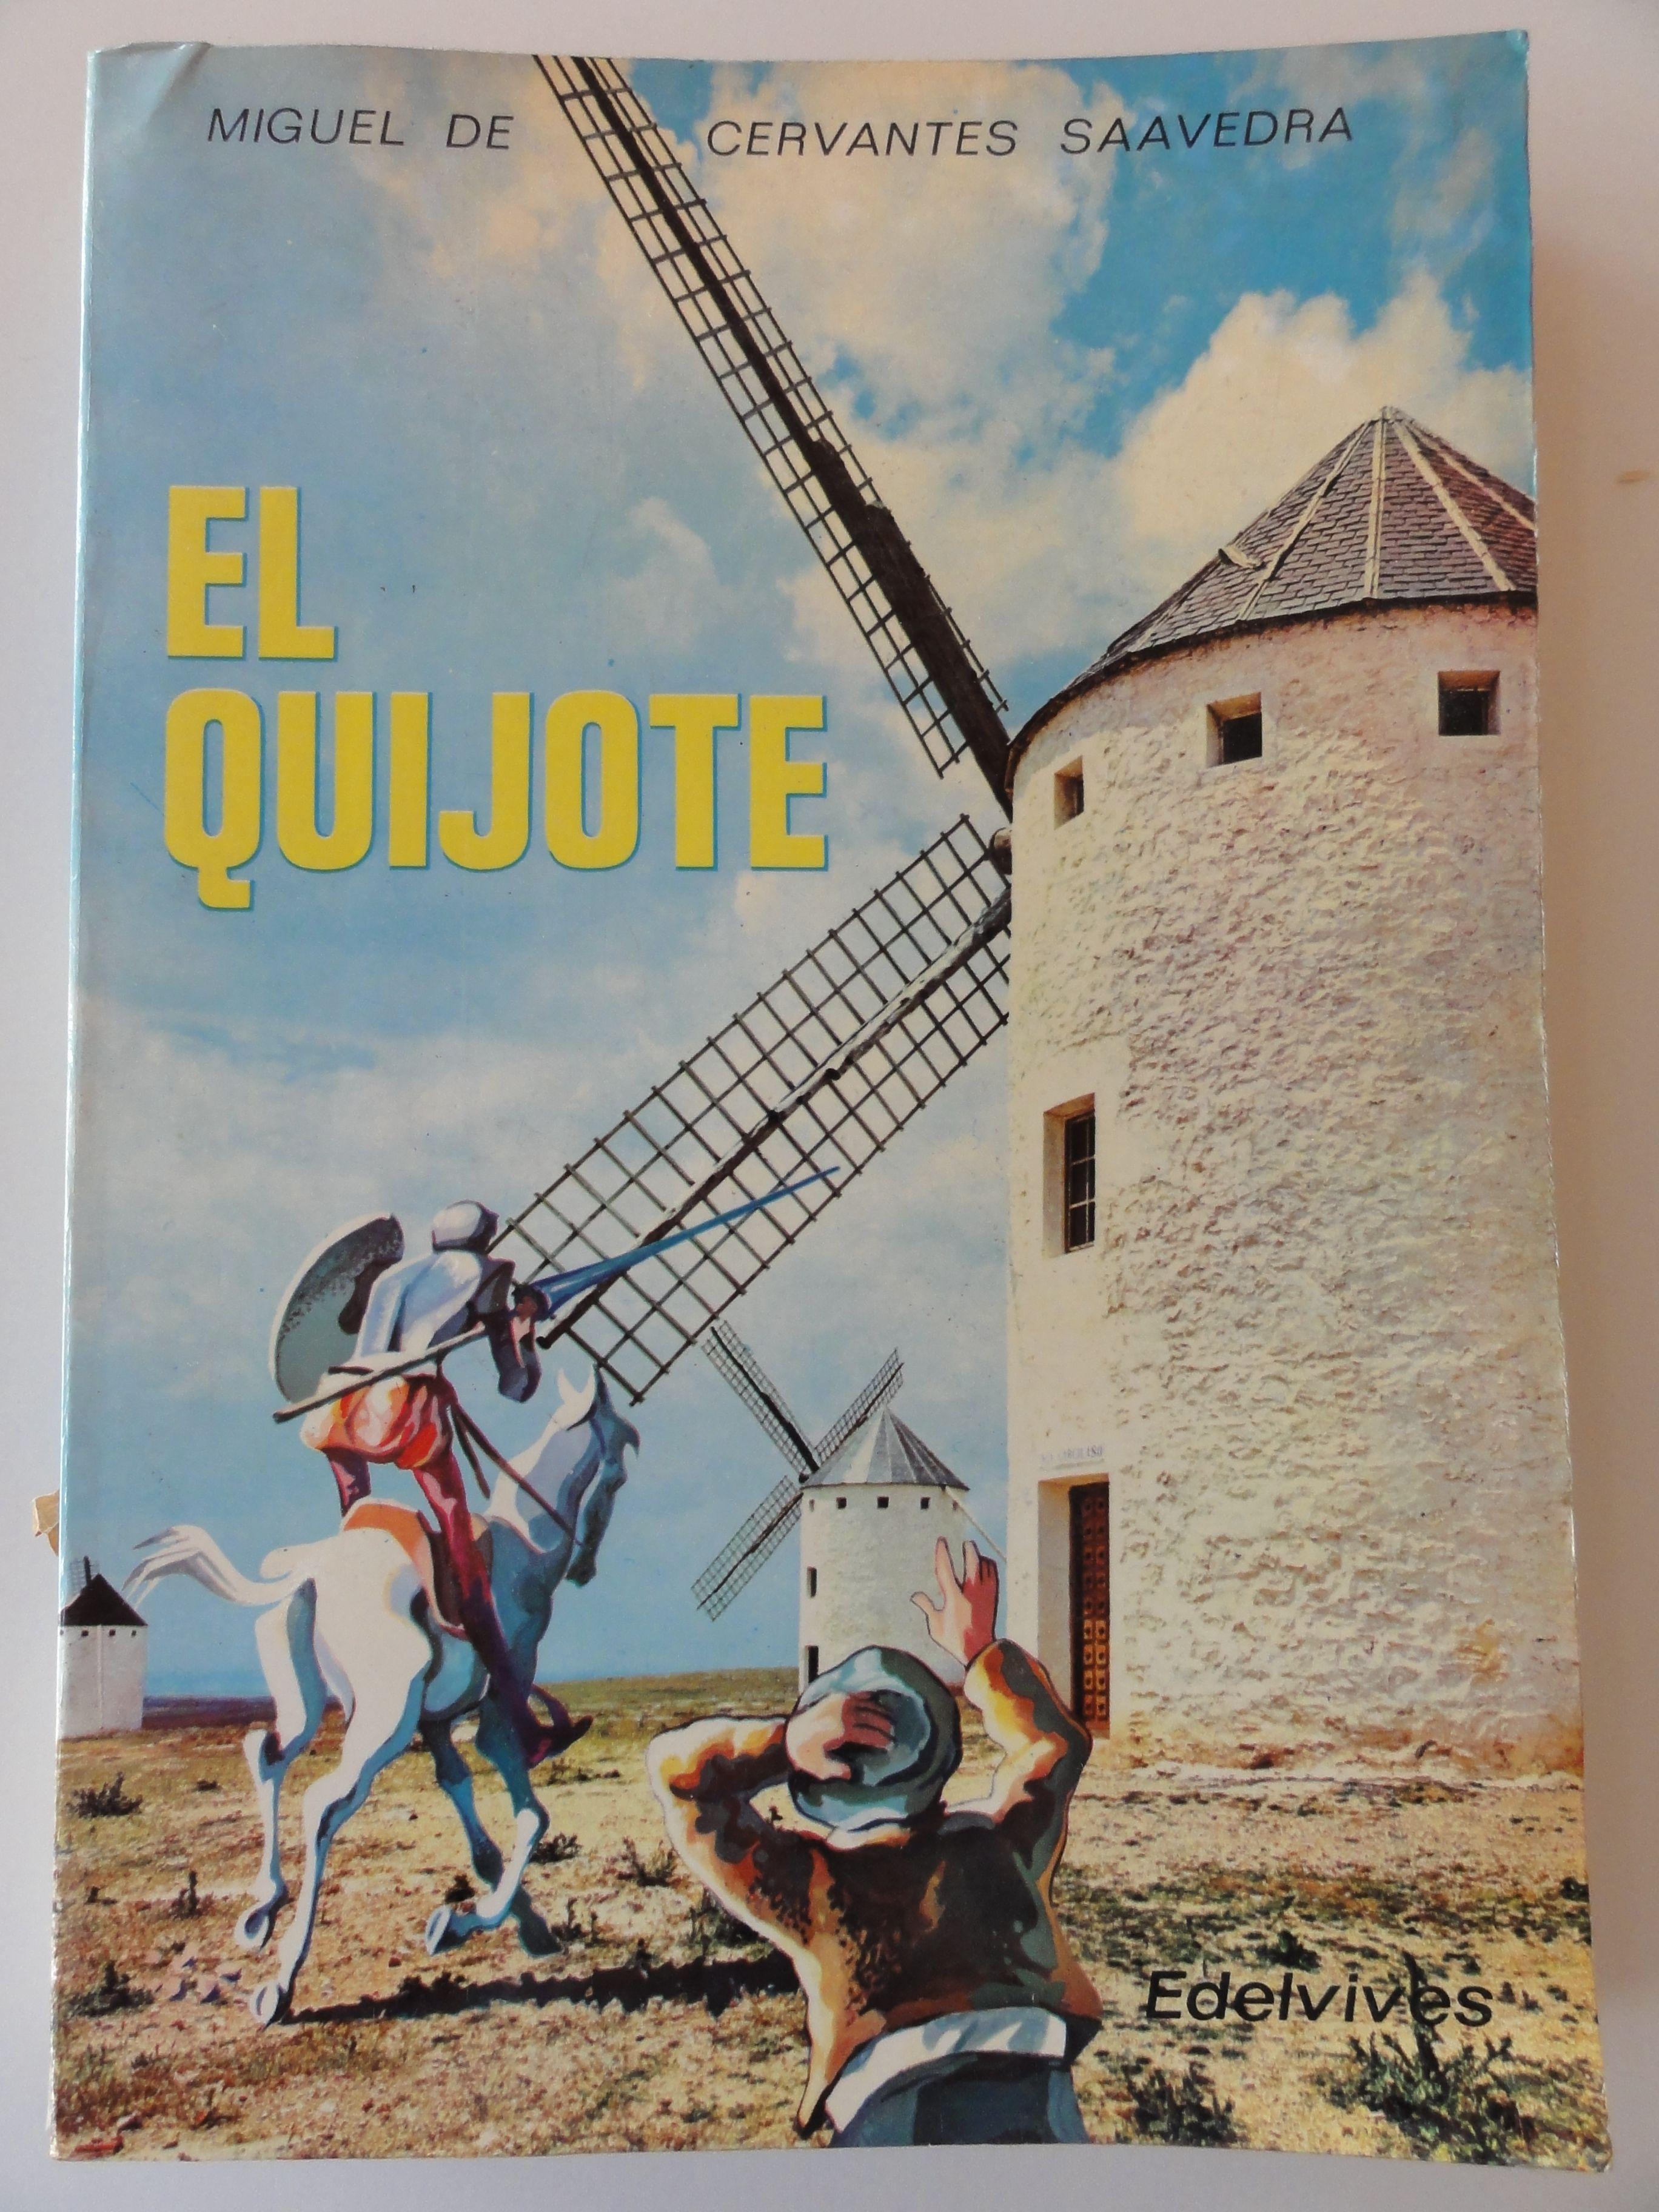 Enllaç al catàleg: http://encore.uib.es/iii/encore/record/C__Rb1224634?lang=cat